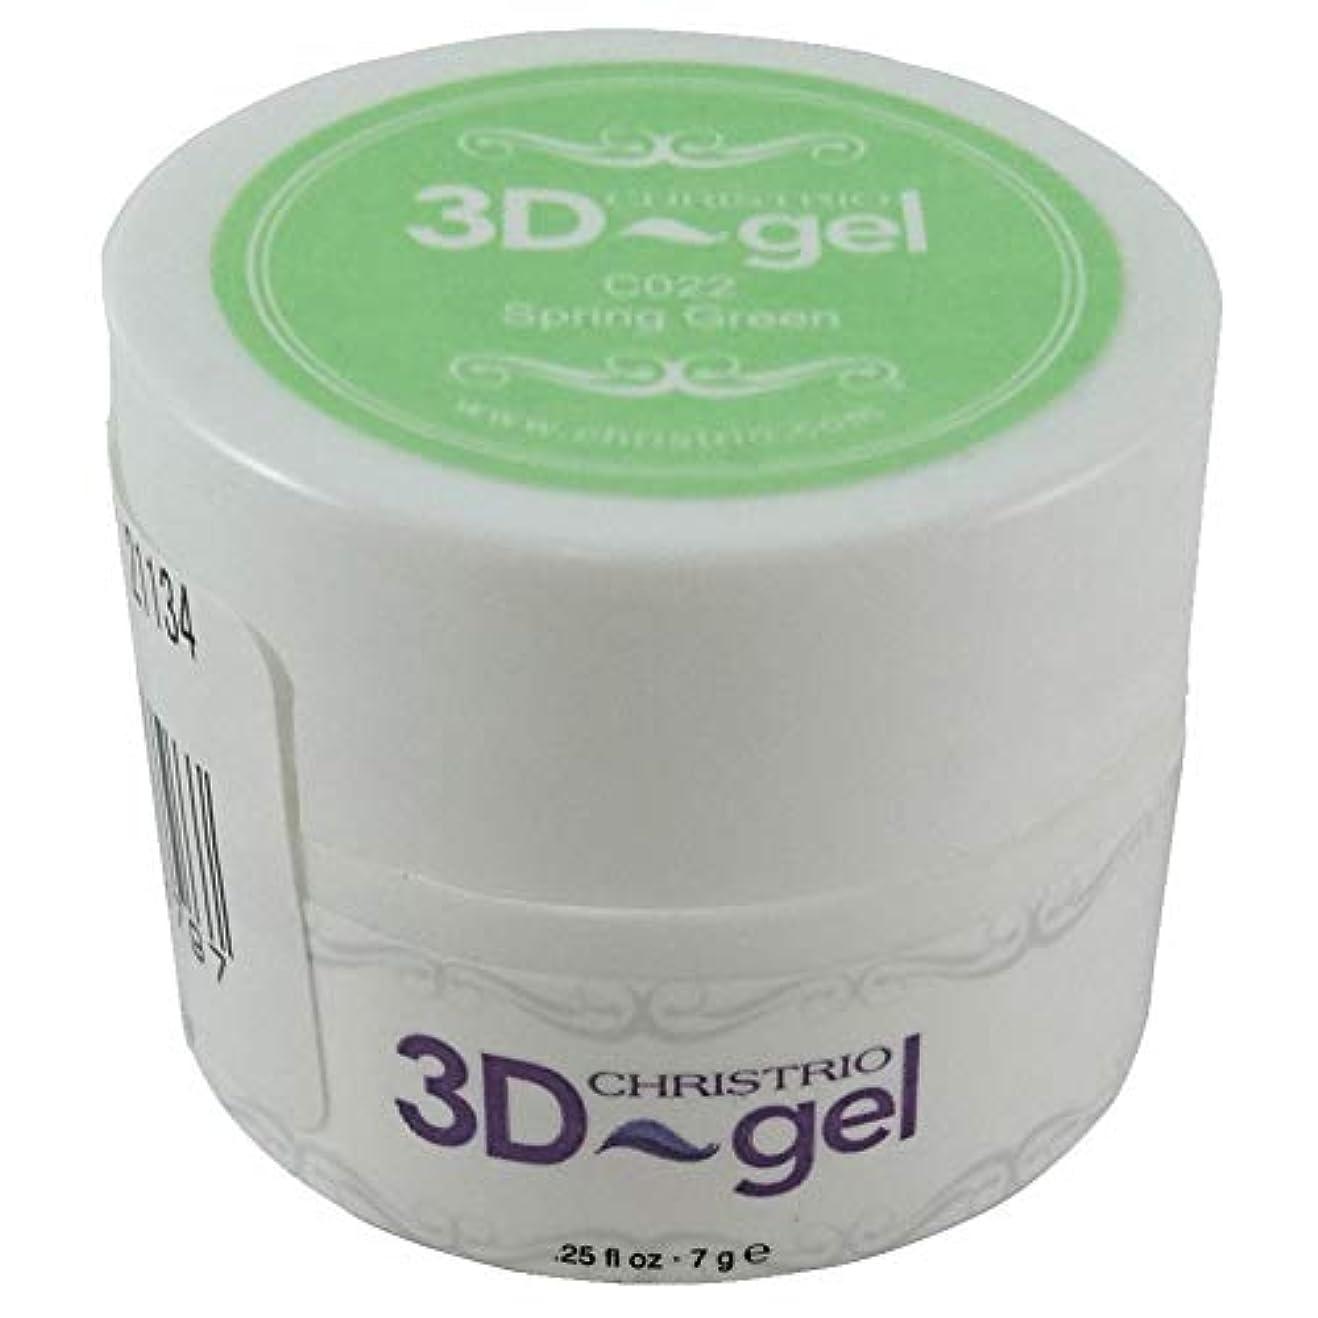 暴行連鎖その結果CHRISTRIO 3Dジェル 7g C022 スプリンググリーン